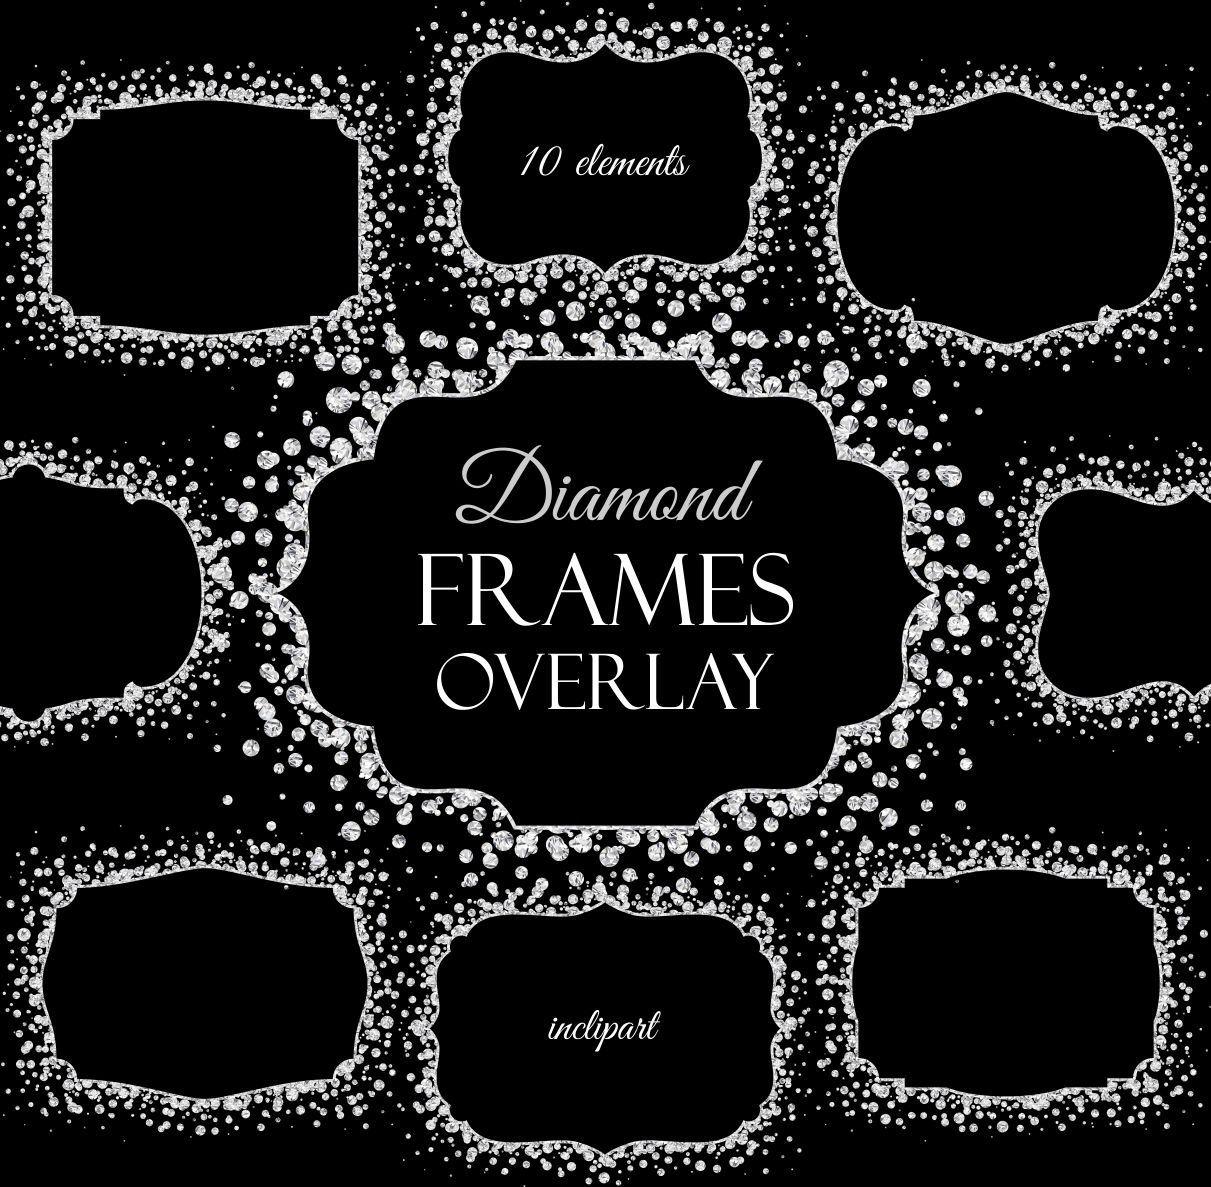 Diamond Frames overlay clipart. Digital Sparkle frames clipart ...